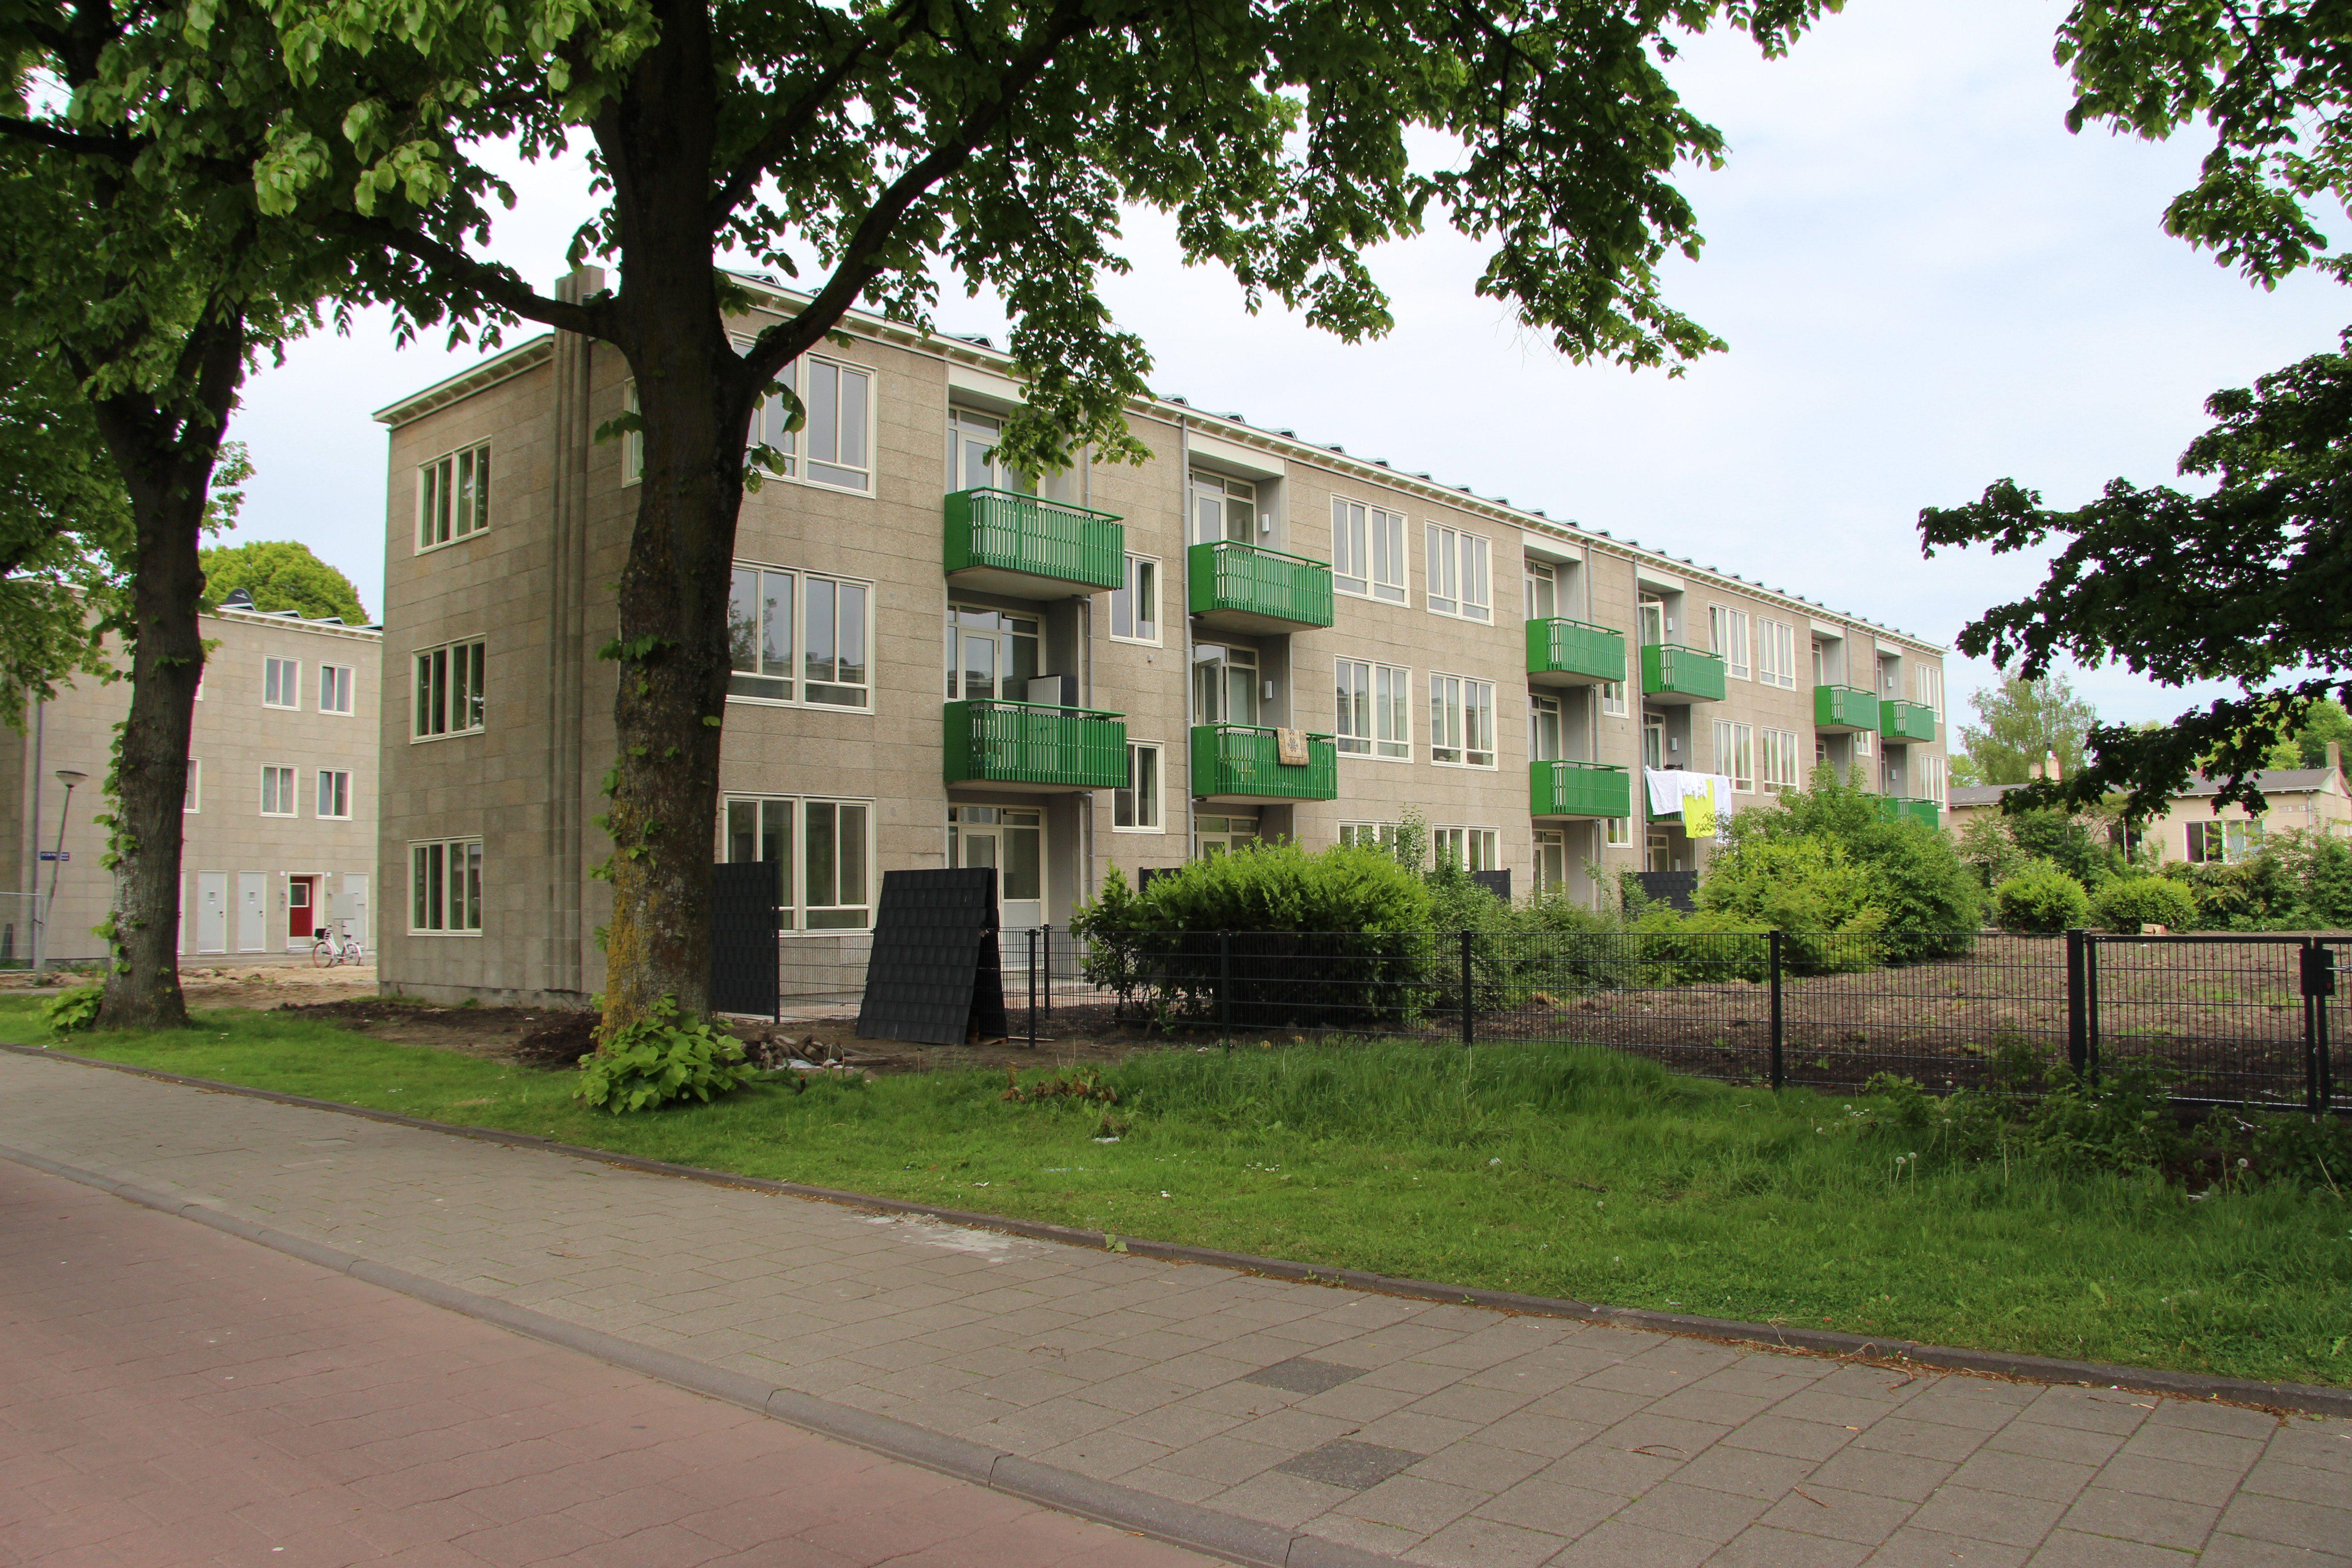 Airey-woningen, balkons, reinigen